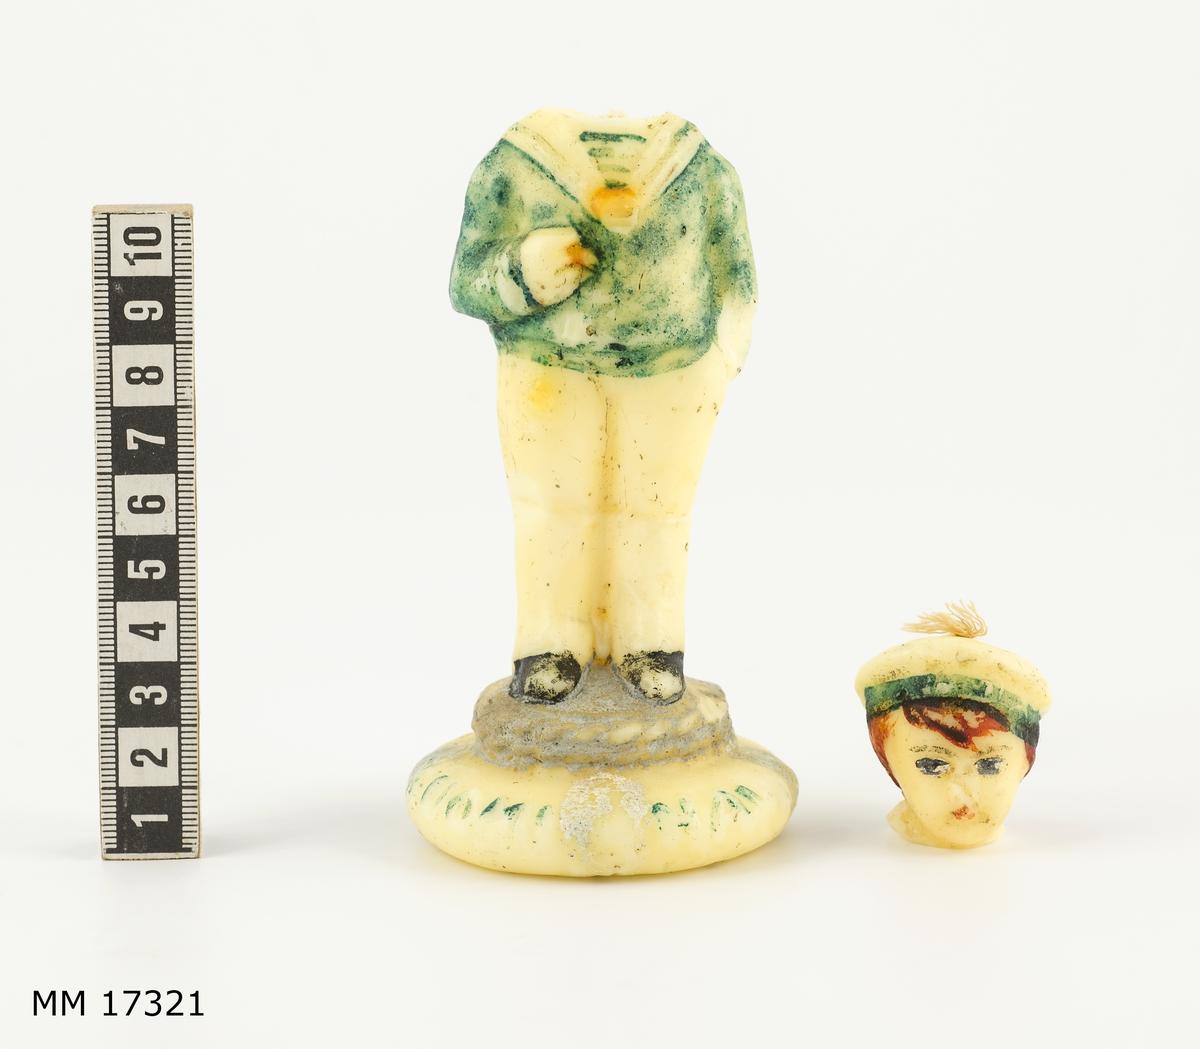 """Figur av stearin eller vax föreställande pojke iklädd sjömanskläder: rundmössa med turkost band och vitt kapell, turkos bussarong, skjorta med vit krage, vita byxor, svarta skor. Ena handen håller i en cigarett? den andra är nedstucken i byxfickan. Pojken står på en rundlagd tross. Längst ned en vit bottenplatta med relieftext= """"SUOMI NAVY"""". Genom figuren går en ljusveke som avslutas på mösskullen."""